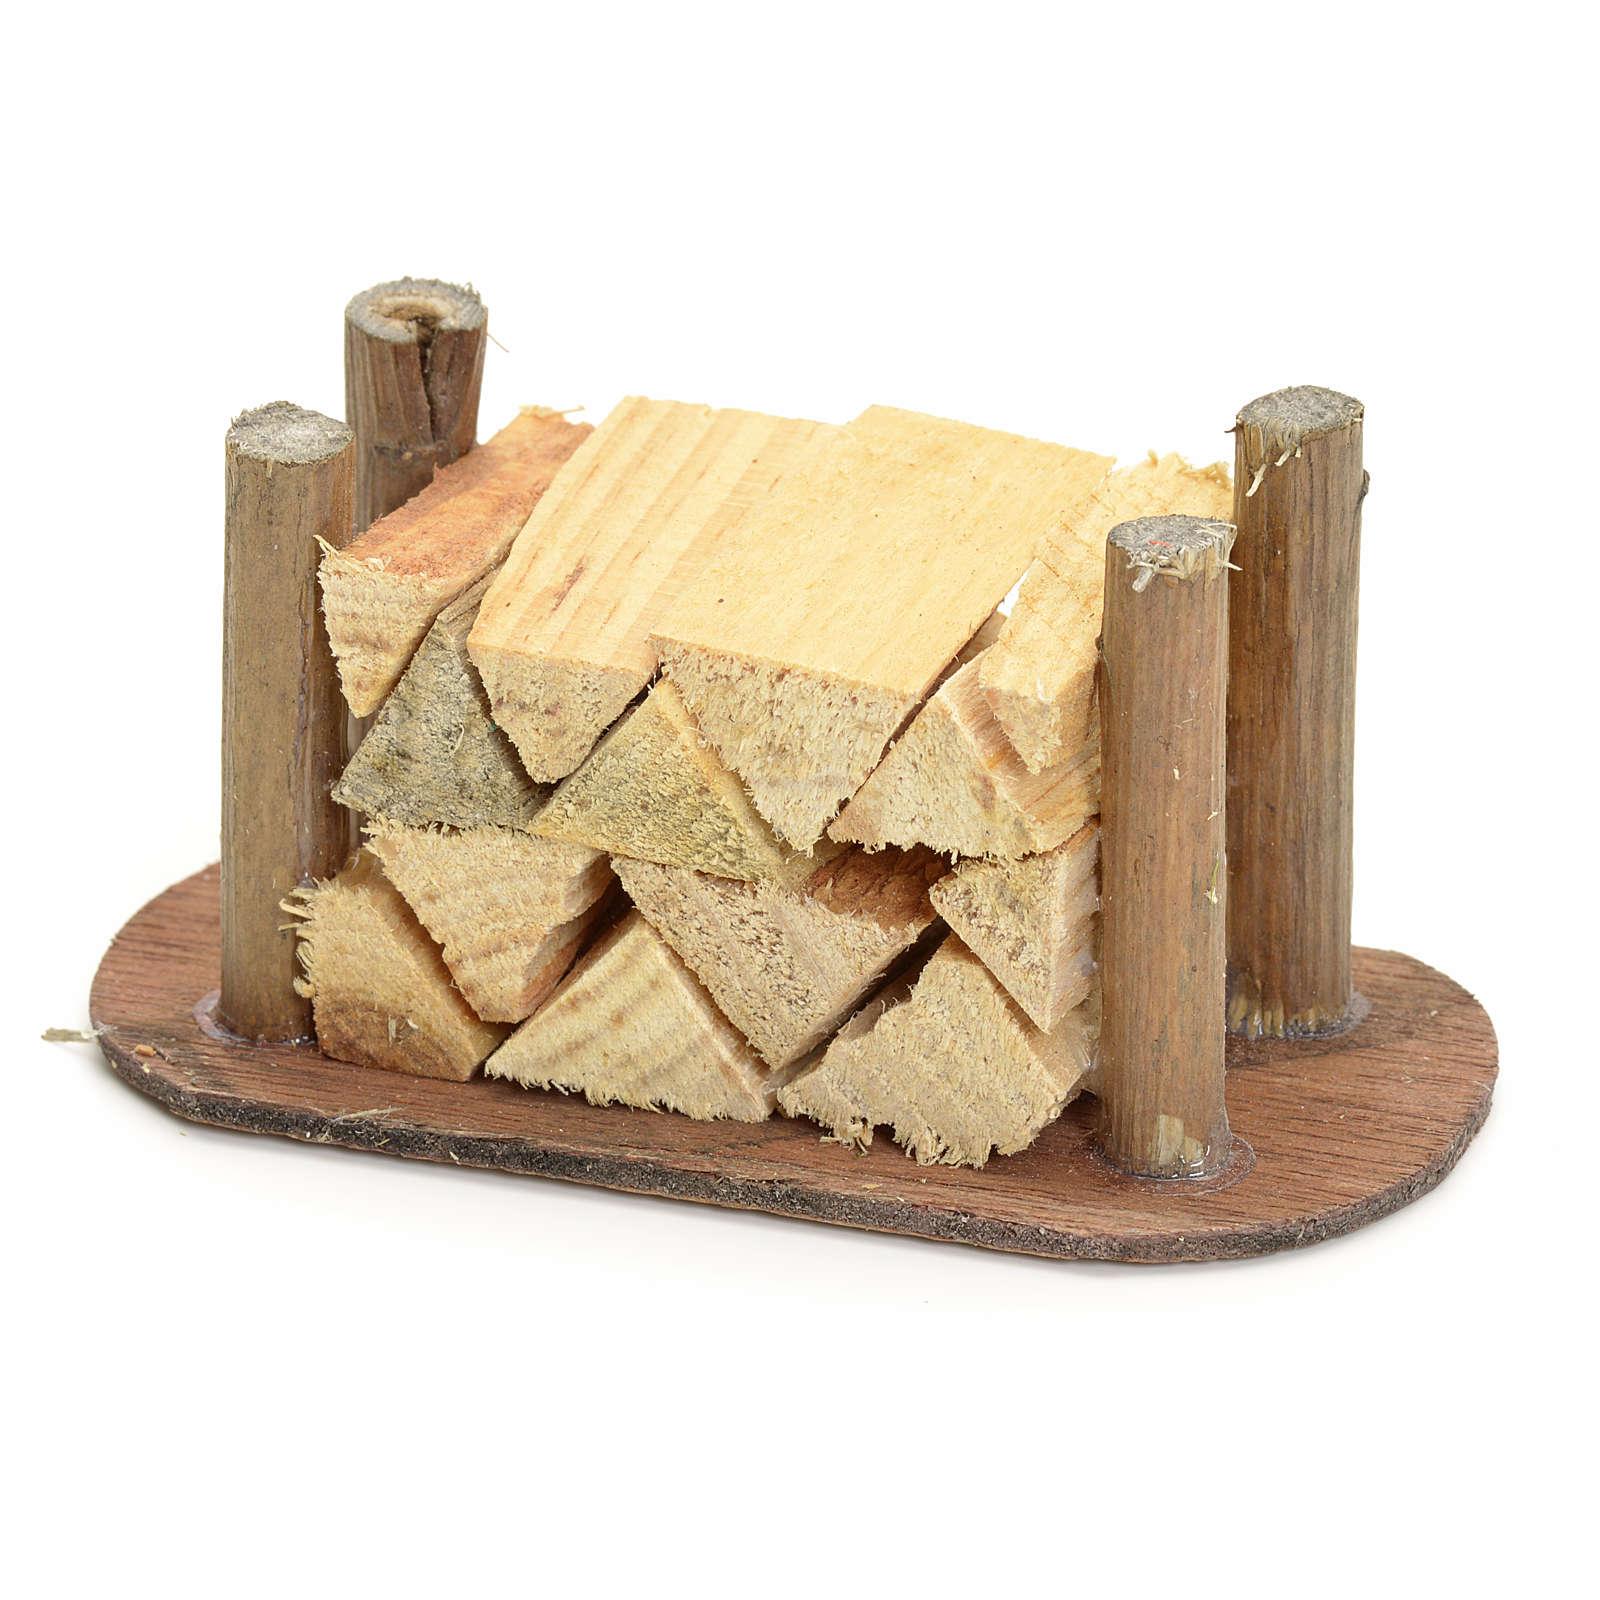 Stos drewna szczapy szopka zrób to sam 4